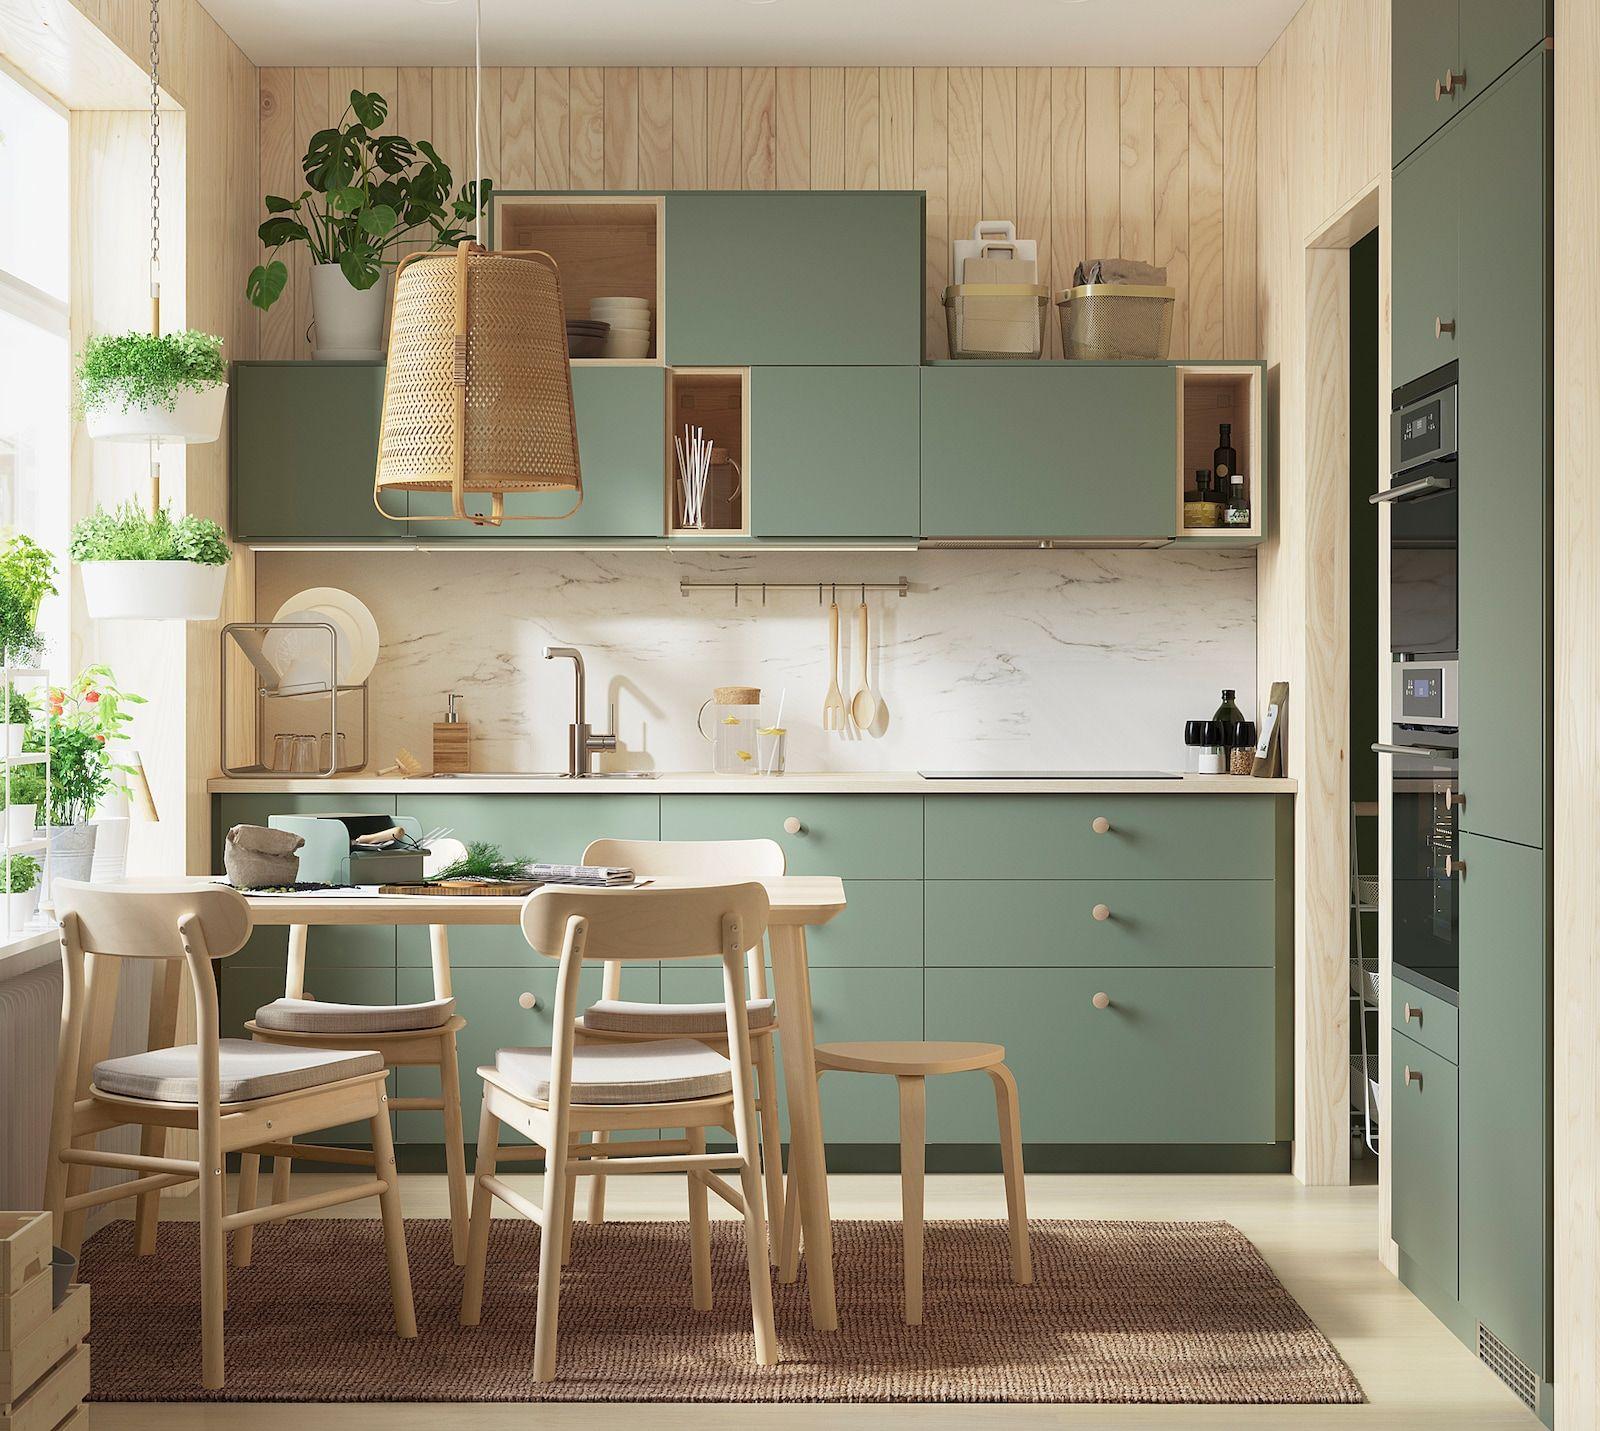 BODARP Schubladenfront, graugrün, 9x9 cm   IKEA Deutschland in ...